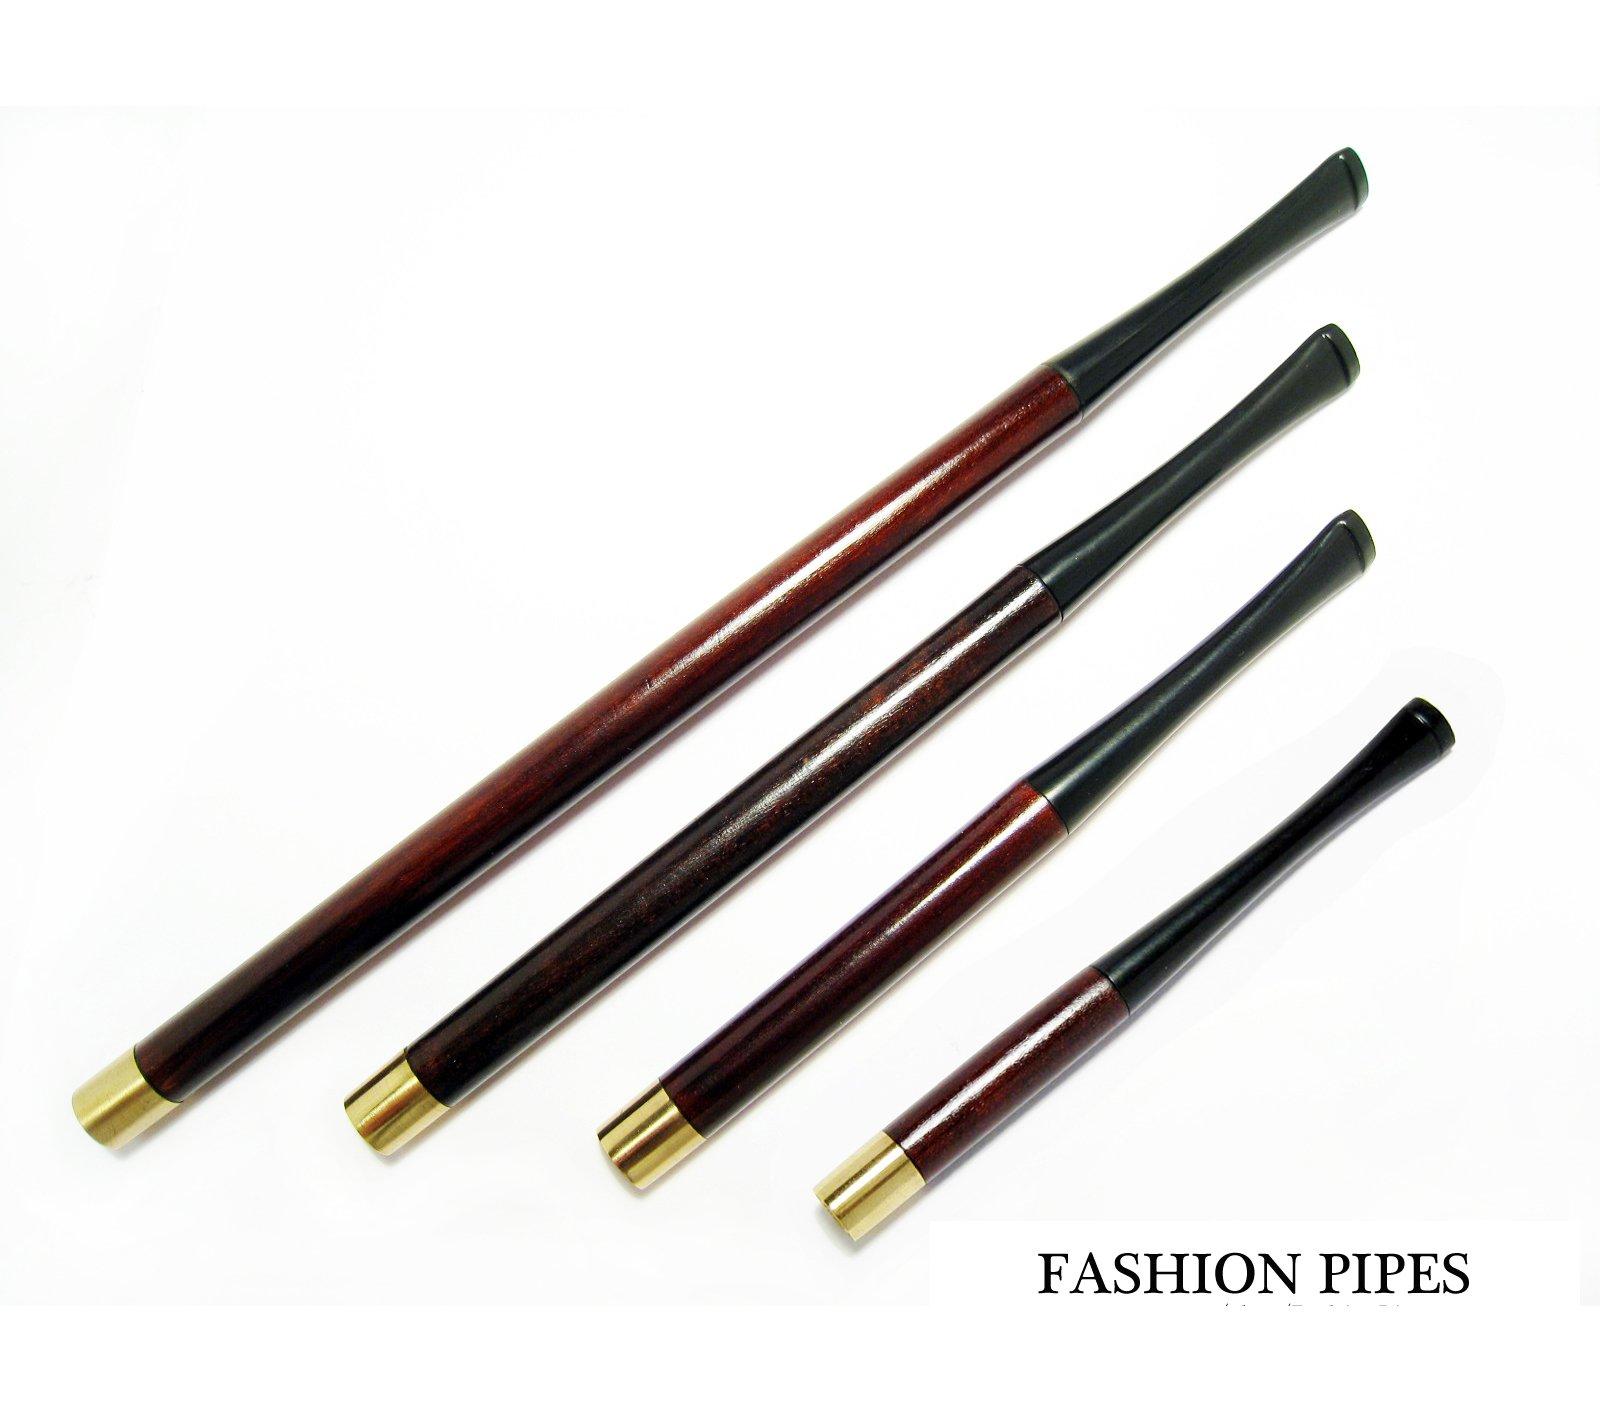 Vintage Cigarette Holders Set''Audrey Hepburn'' 8.7''/220mm-6.7''/170mm-5.1''/130mm-3.9''/90mm All Fit Regular. Brown Pear Wood Holders. The Best Price Offer in FPS